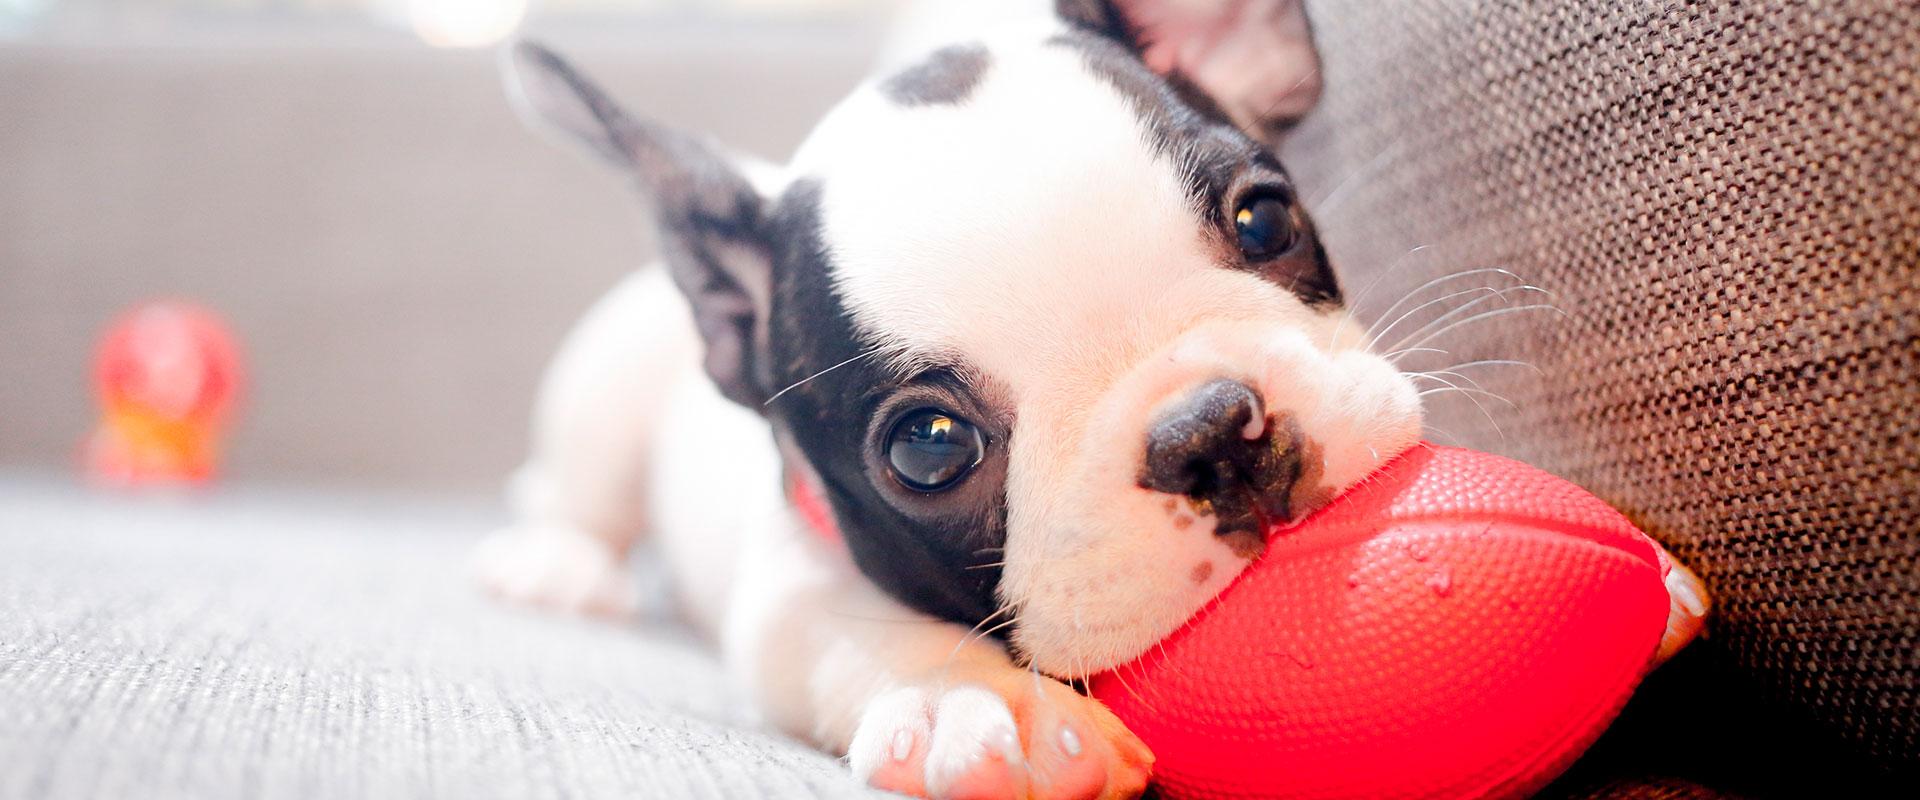 Cachorro jugando con su juguete sobre el sillón.